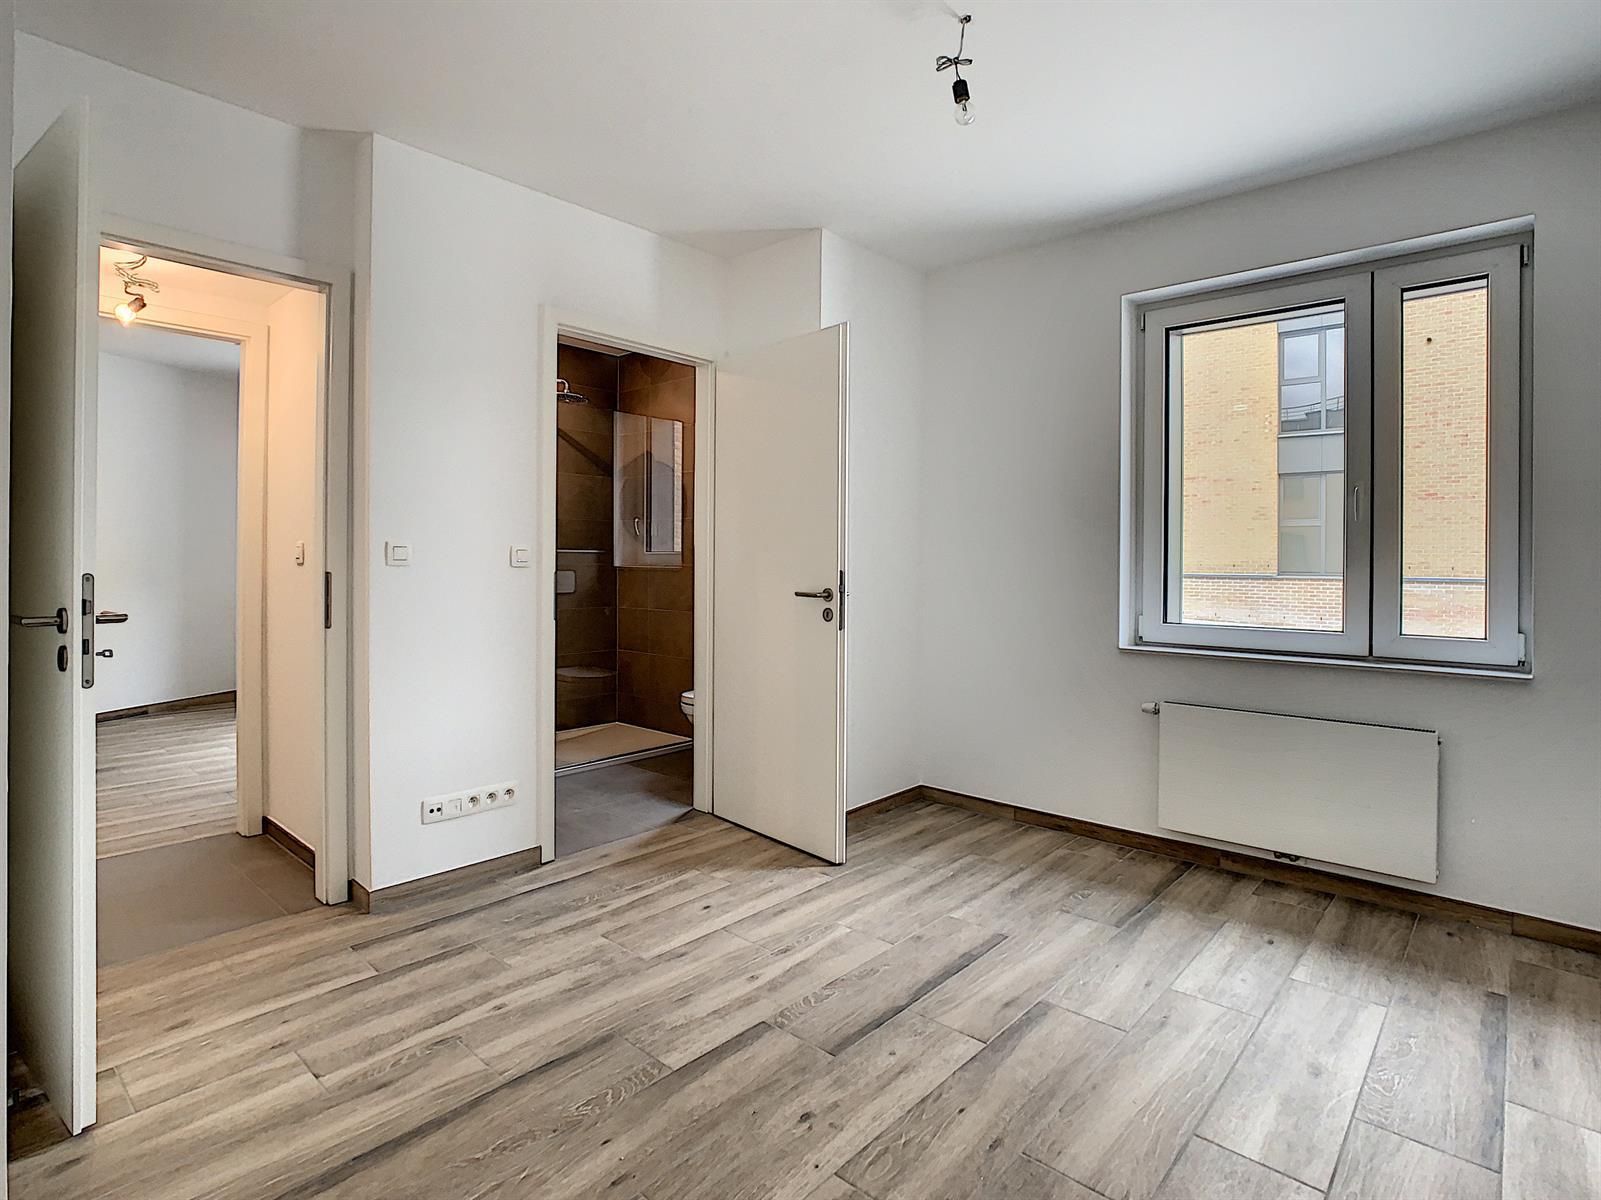 Appartement - Louvain-la-Neuve - #4149935-7